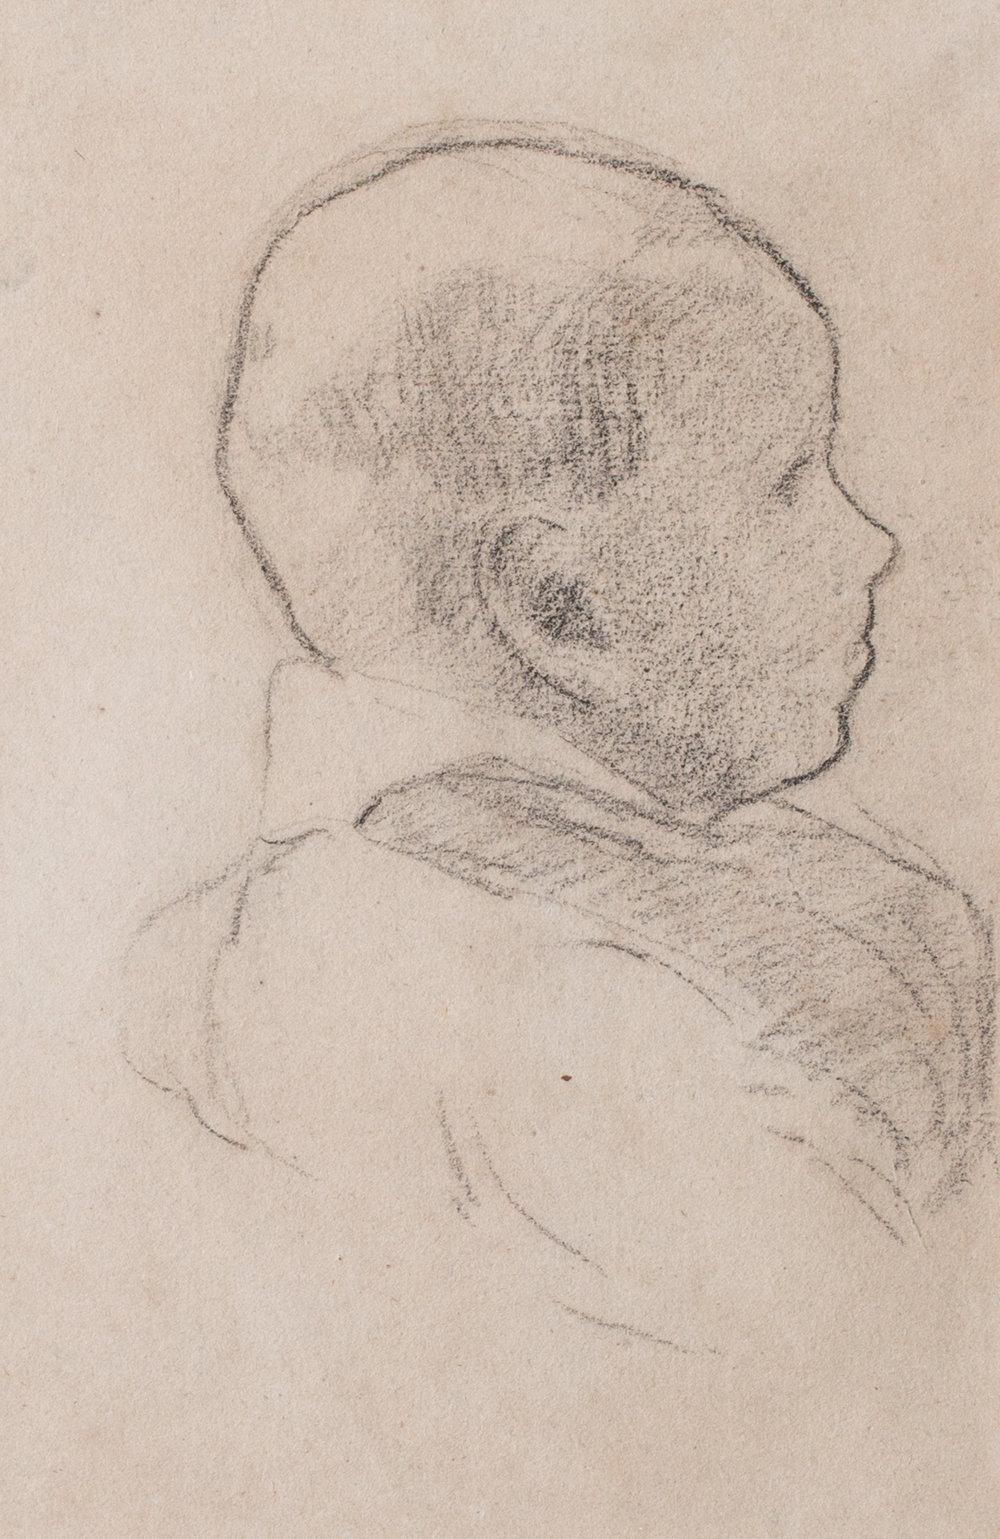 Gauguin_edited-1.jpg